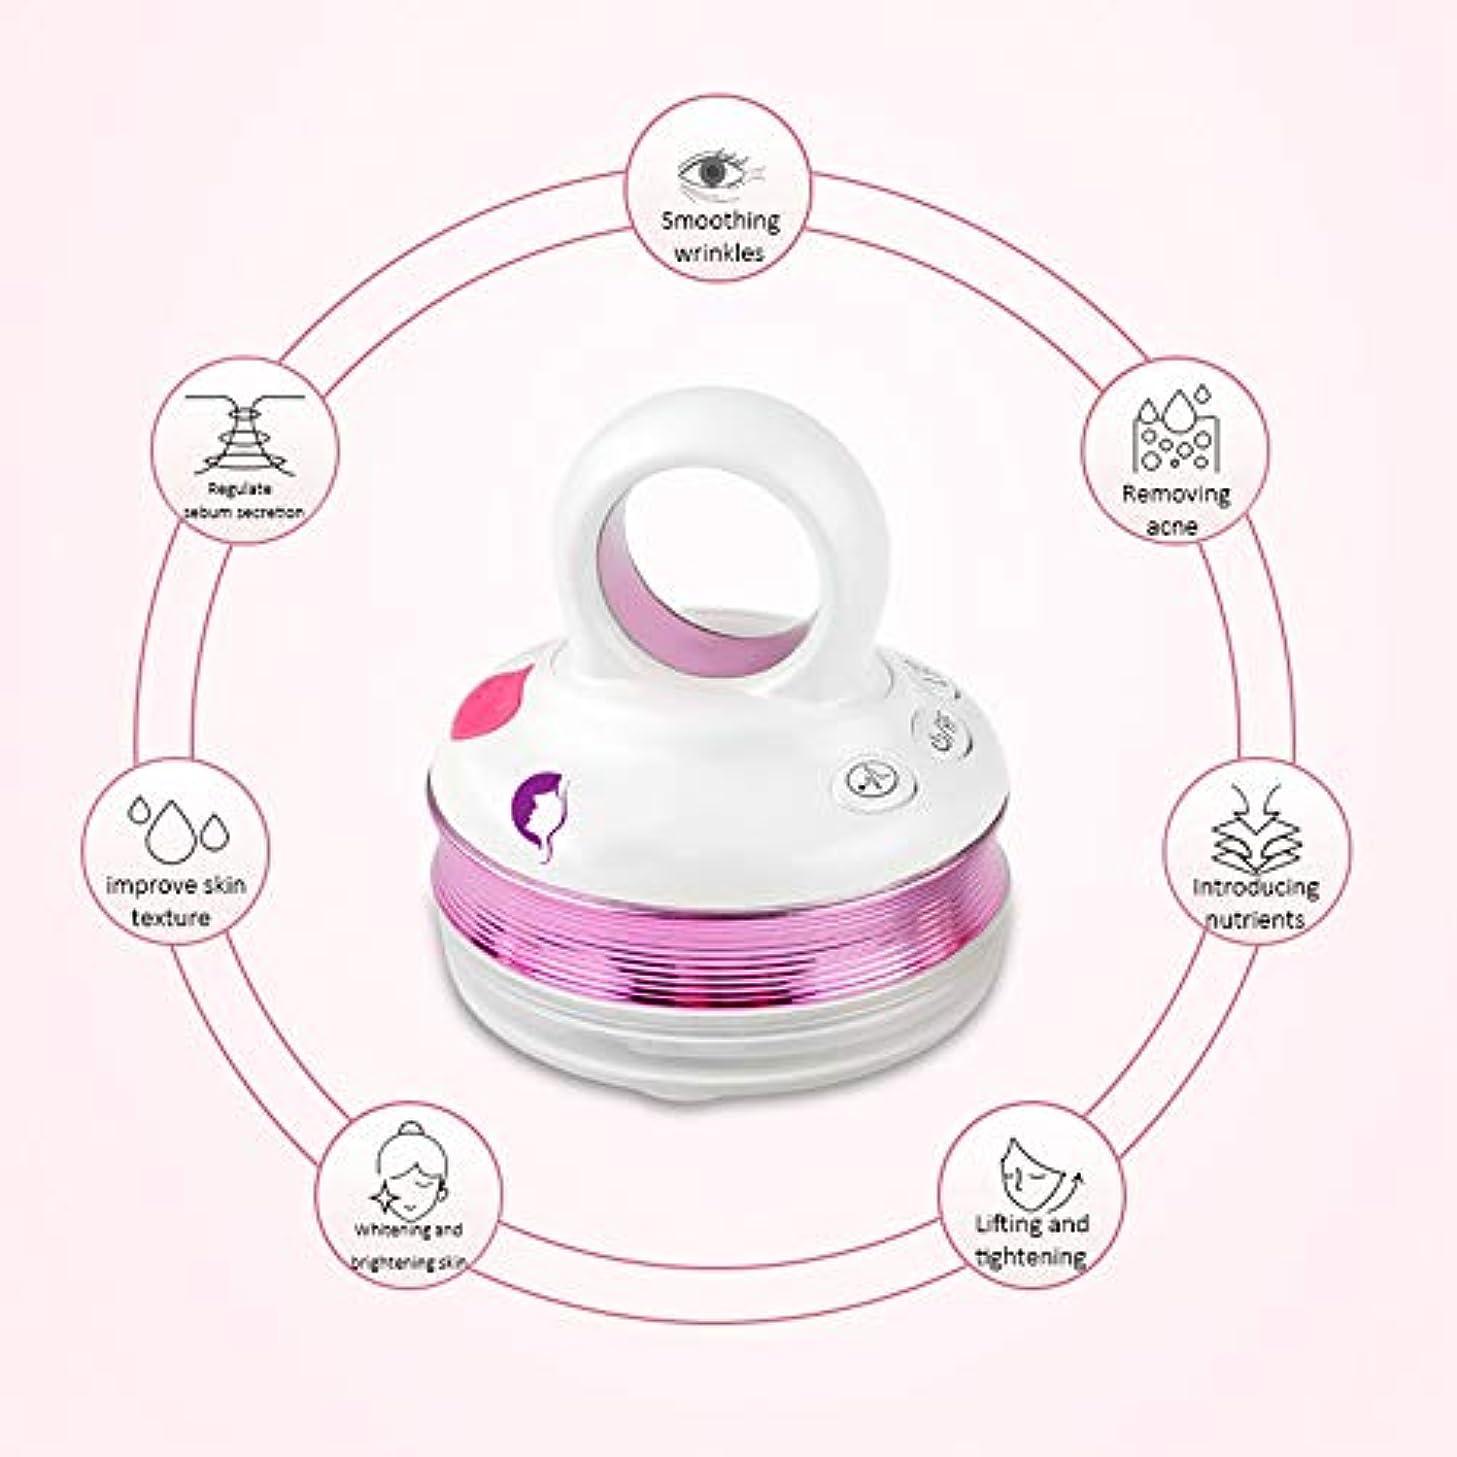 ピルファー陽気な時計RFラジオ周波数フェイシャルマシン、EMSマッサージャー、ハンドヘルドフェイシャルイオン導入美容機器、家庭用美容機器振動機器,Purple